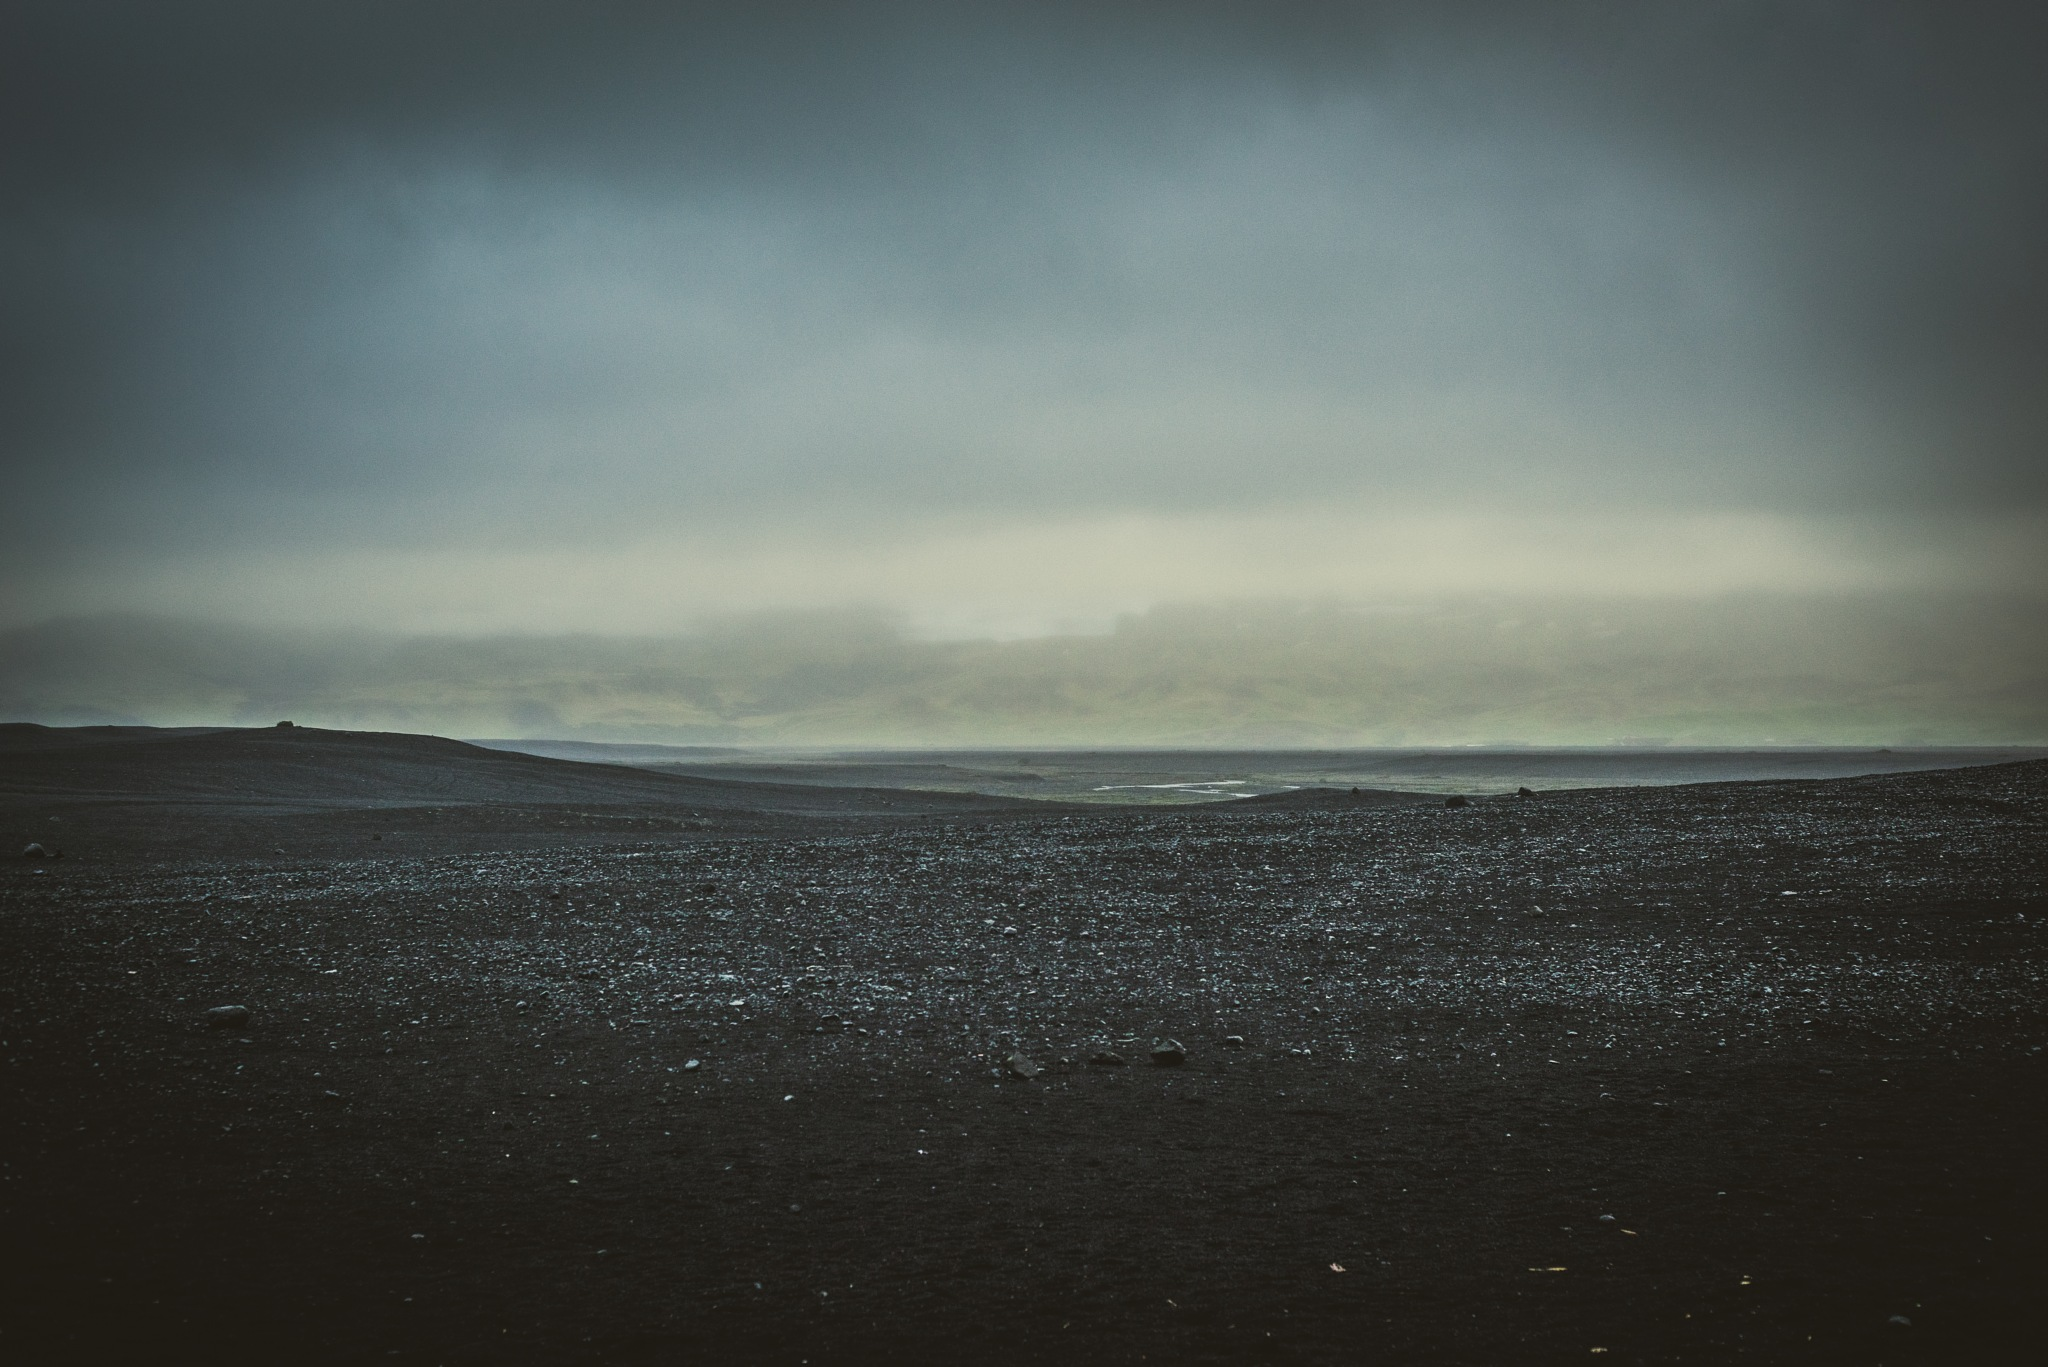 Blacklands by Juuso Voutilainen